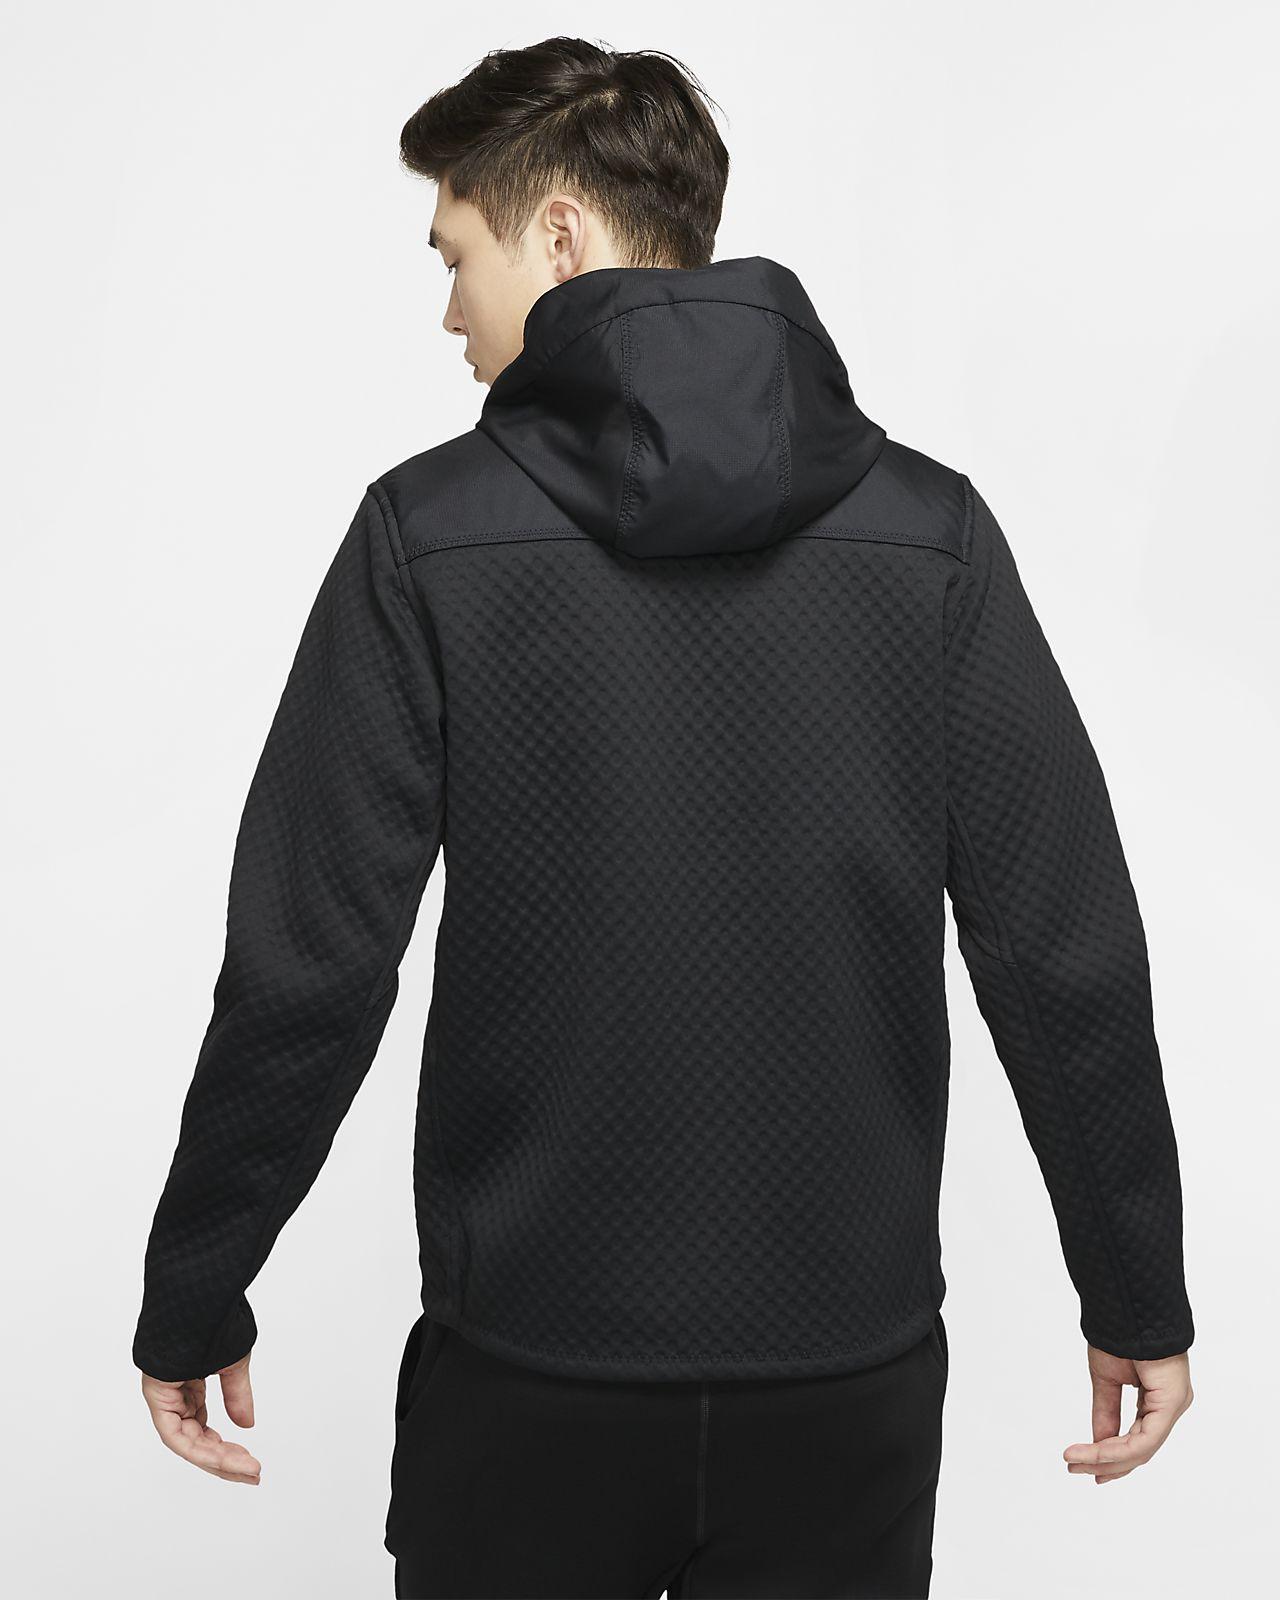 coupon code online retailer 2018 shoes Veste de training à capuche et zip Nike Therma pour Homme